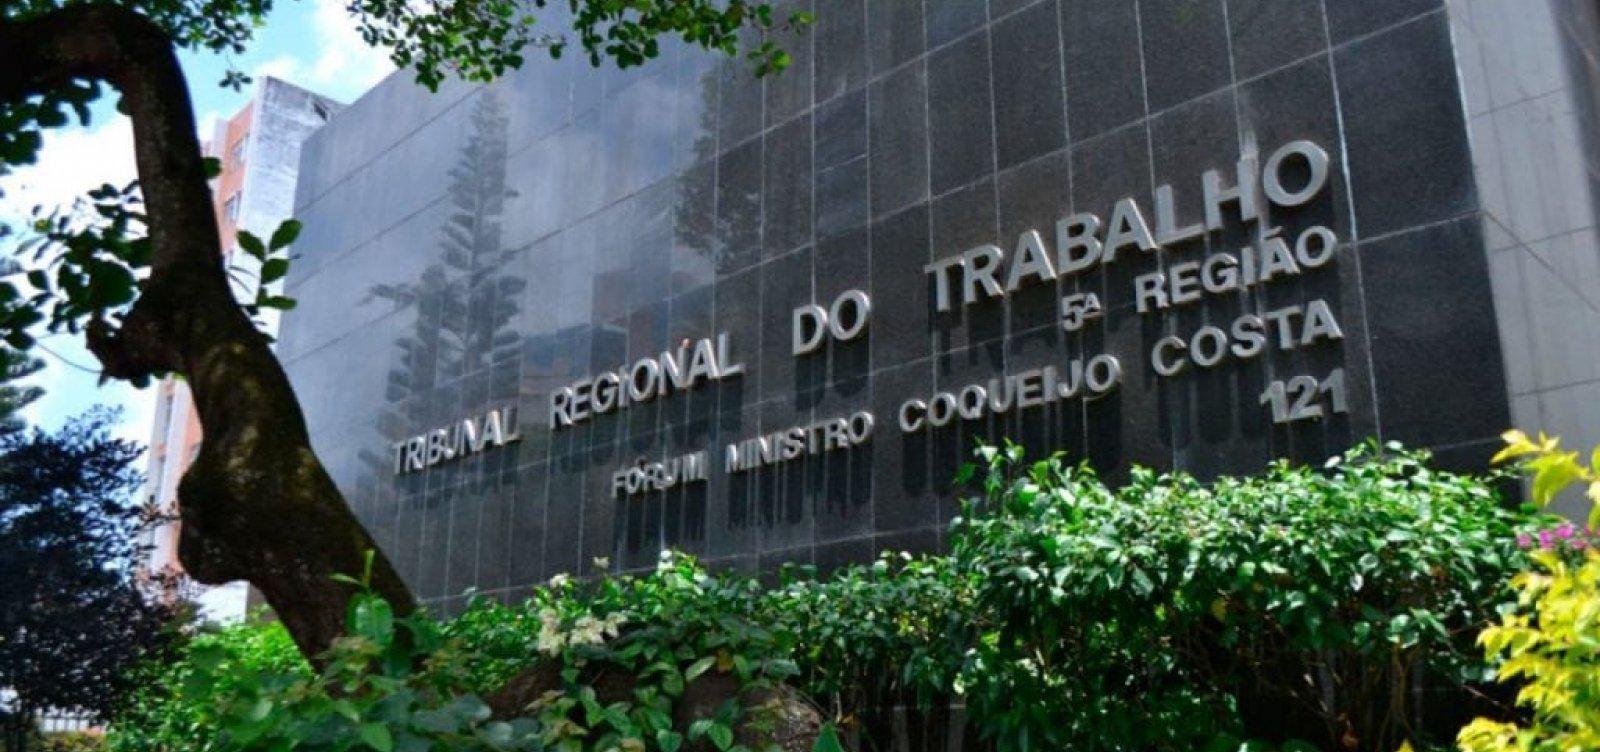 TRT5 suspende expediente e prazos devido às chuvas em Salvador